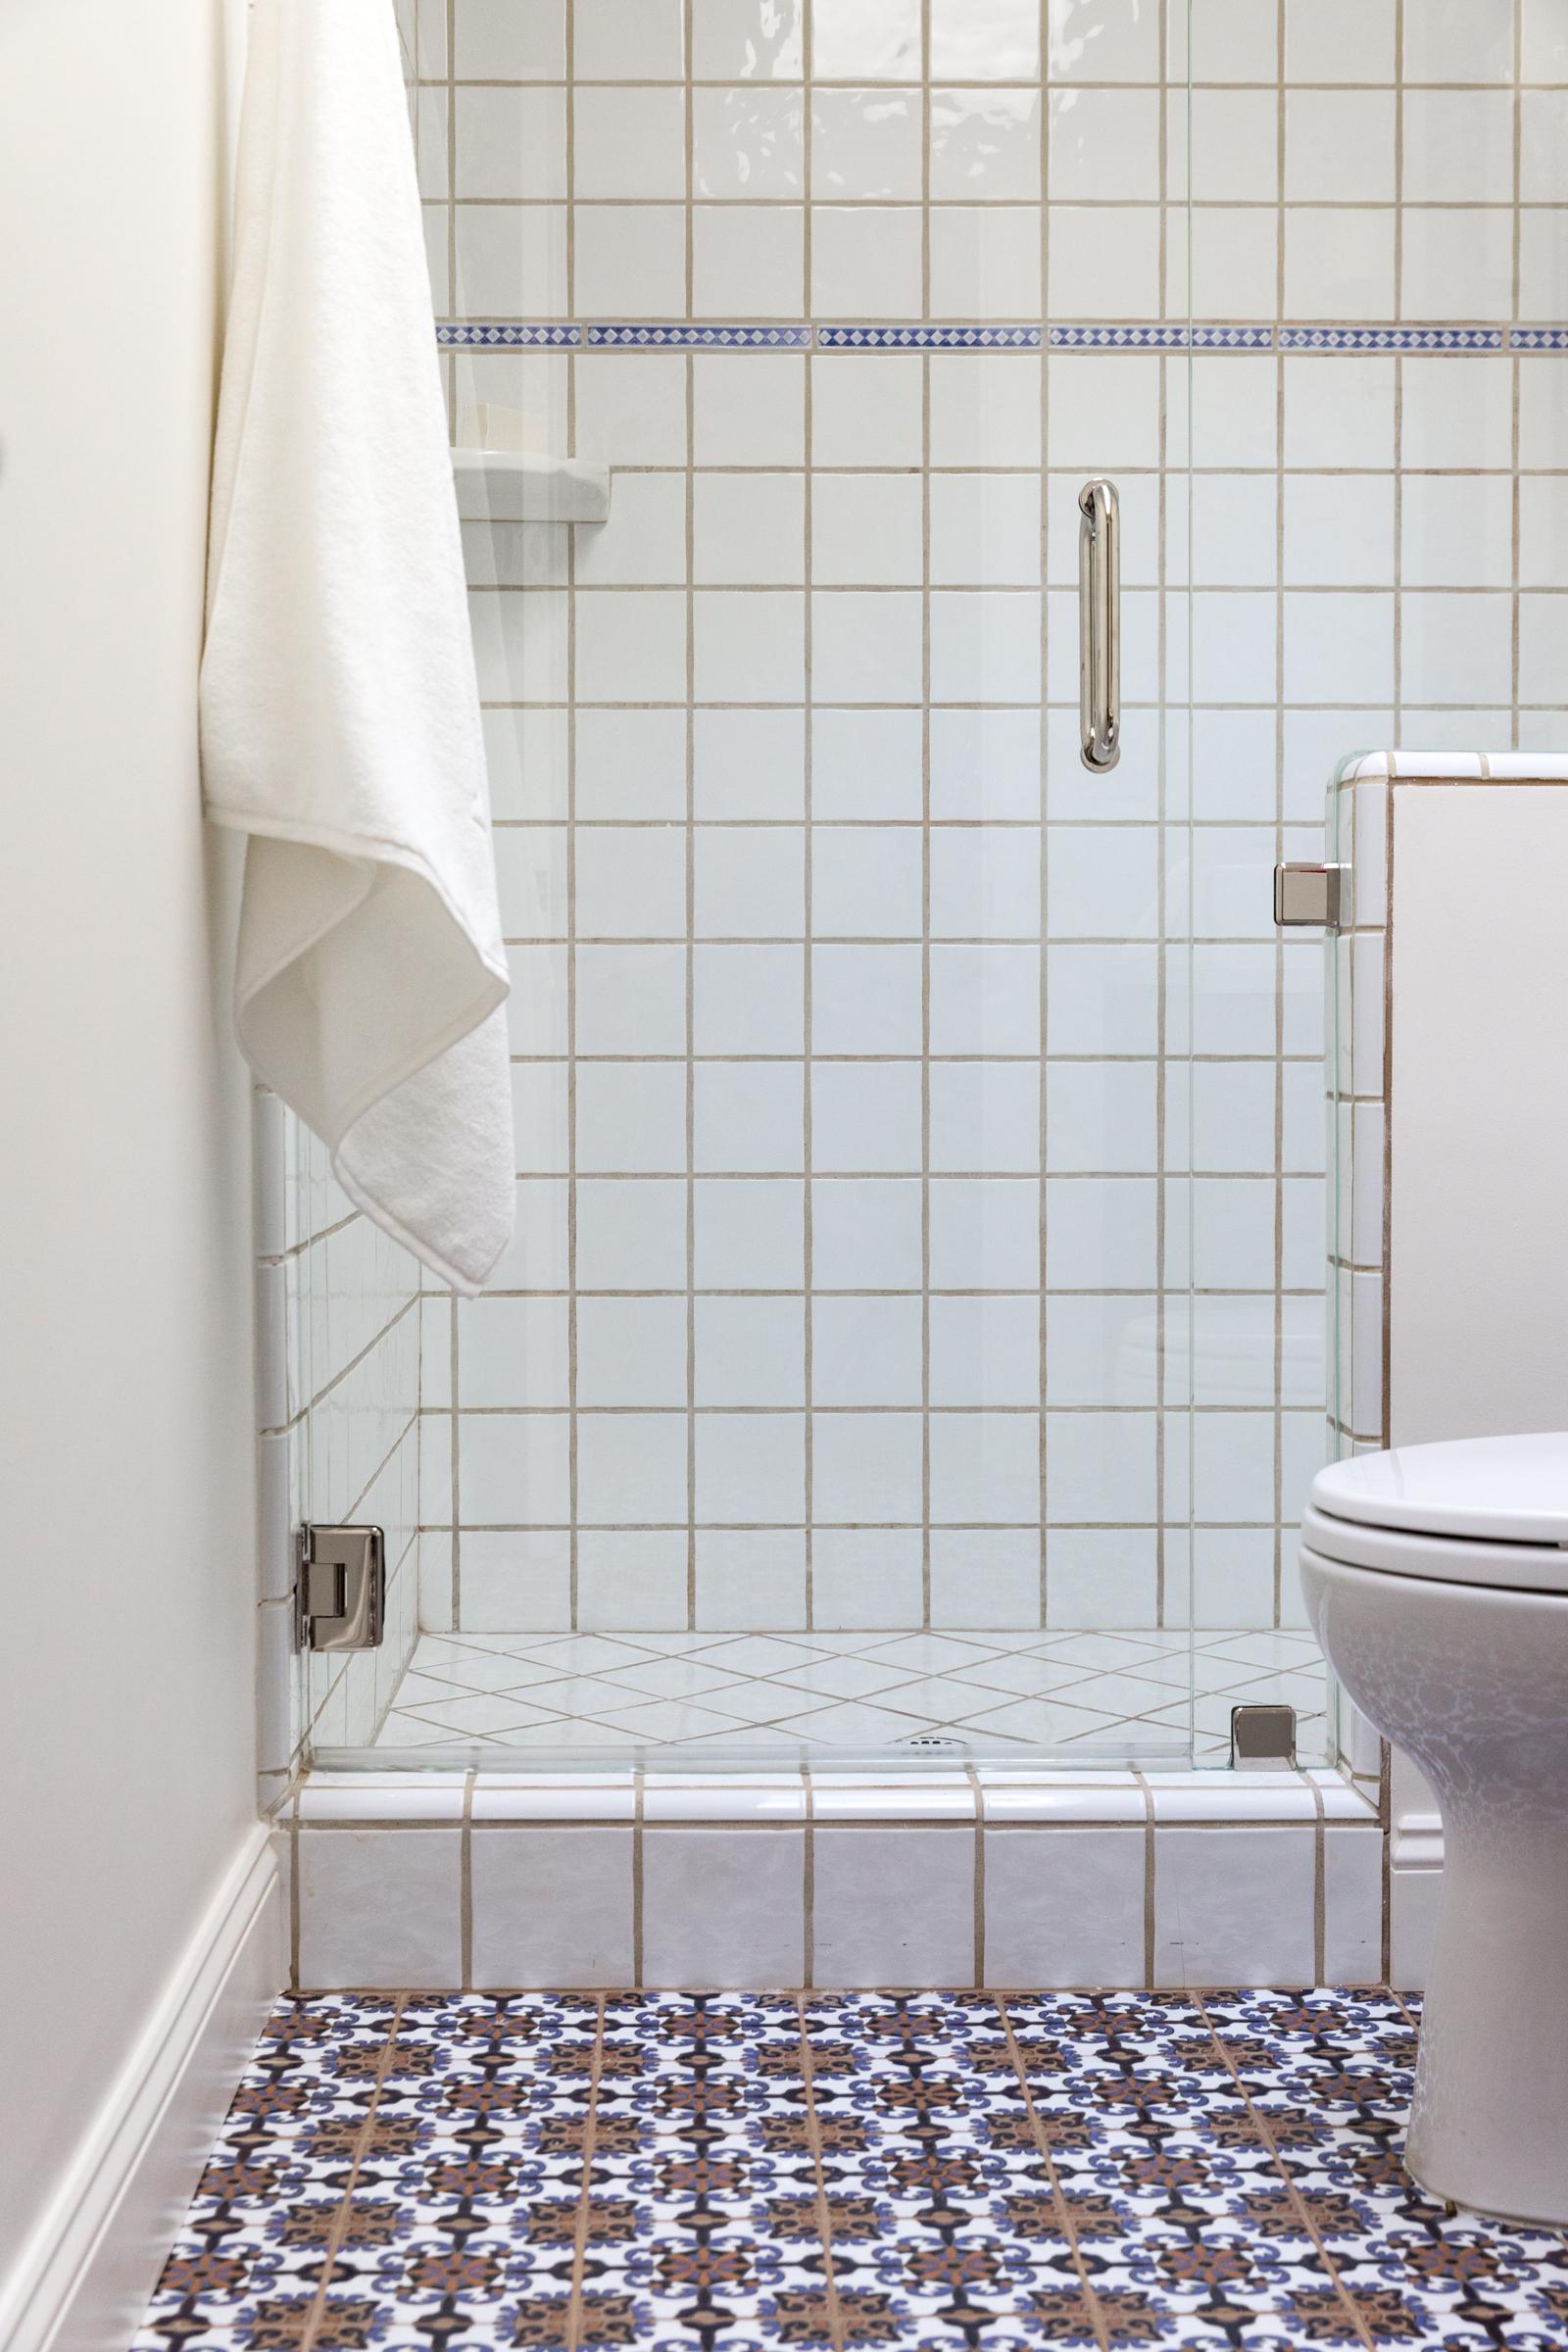 celeste_bathrooms-15.jpg